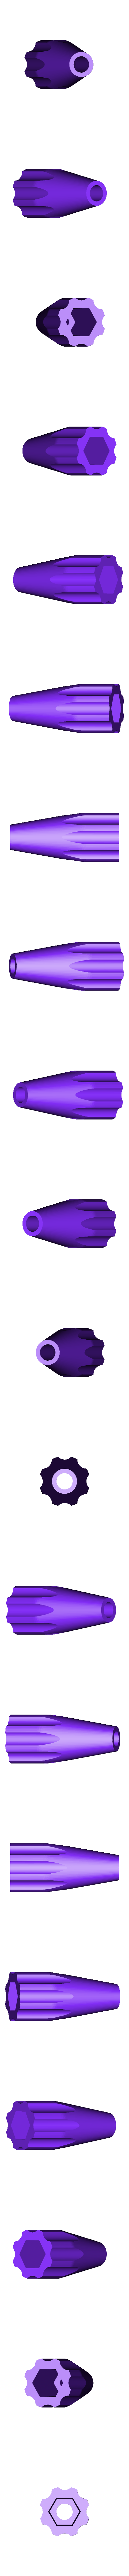 Knob.STL Télécharger fichier STL gratuit GoPro 360 Support de rotor • Objet pour impression 3D, daGHIZmo